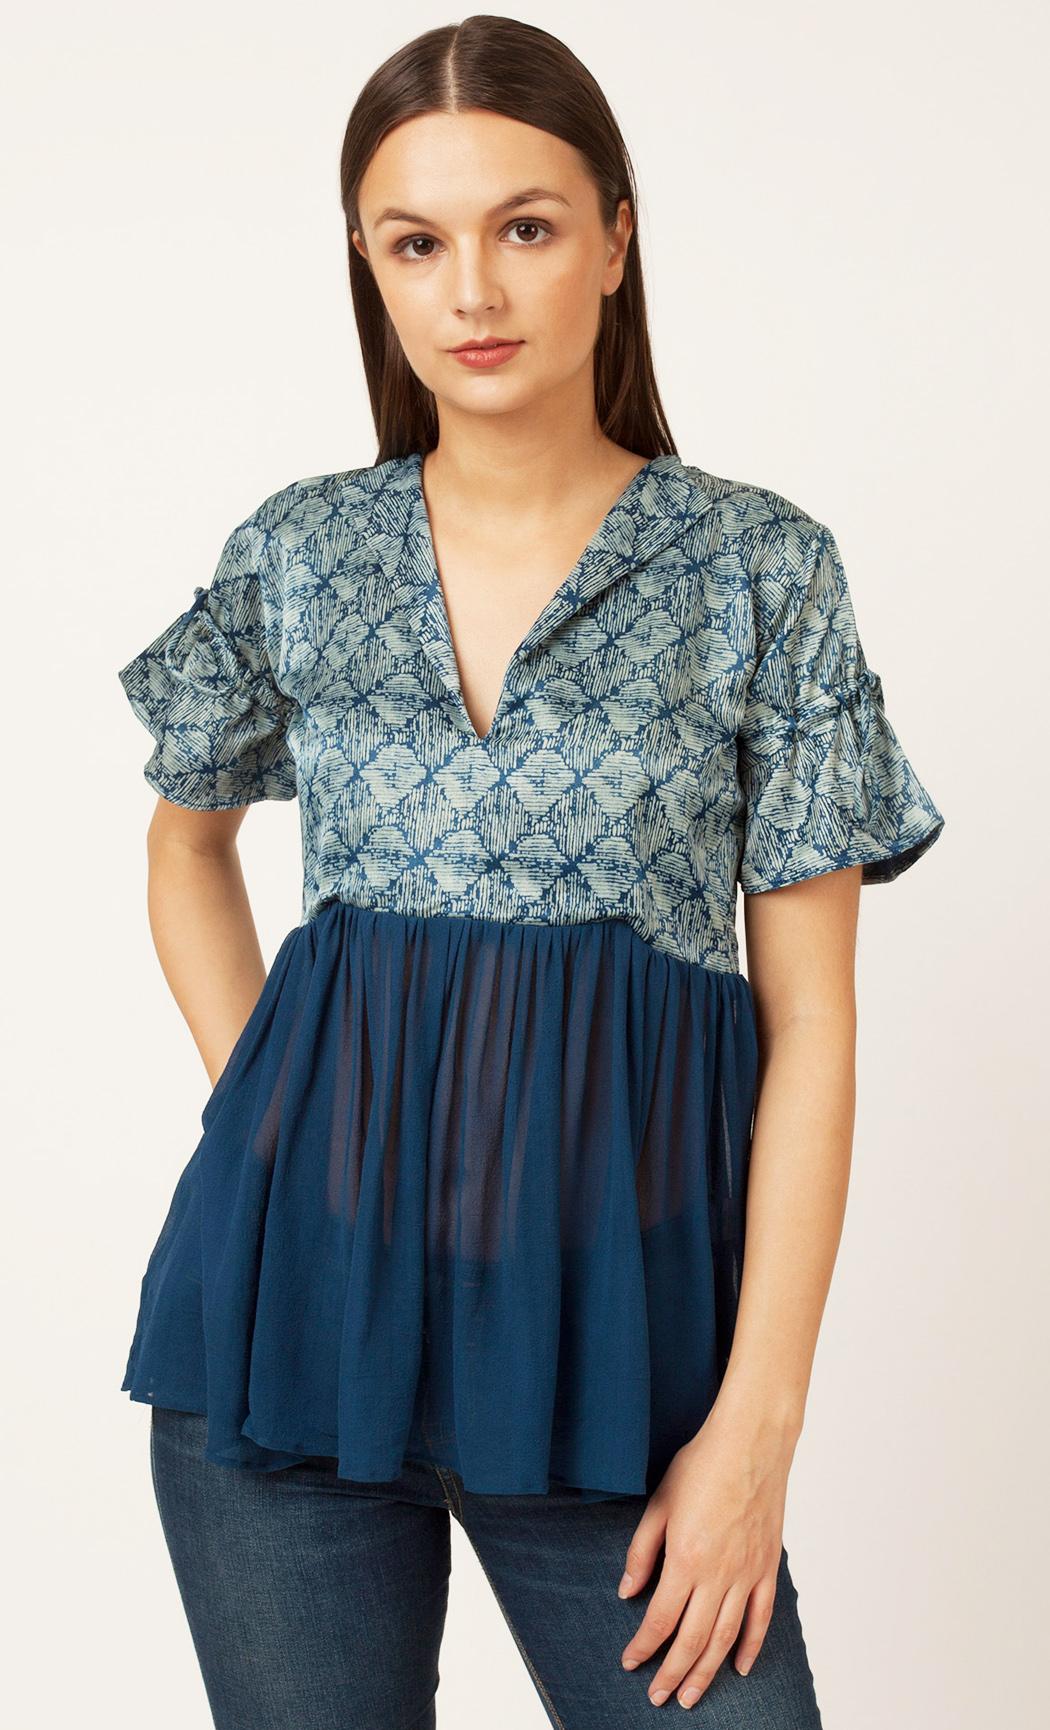 Blue Printed Top. Buy Online